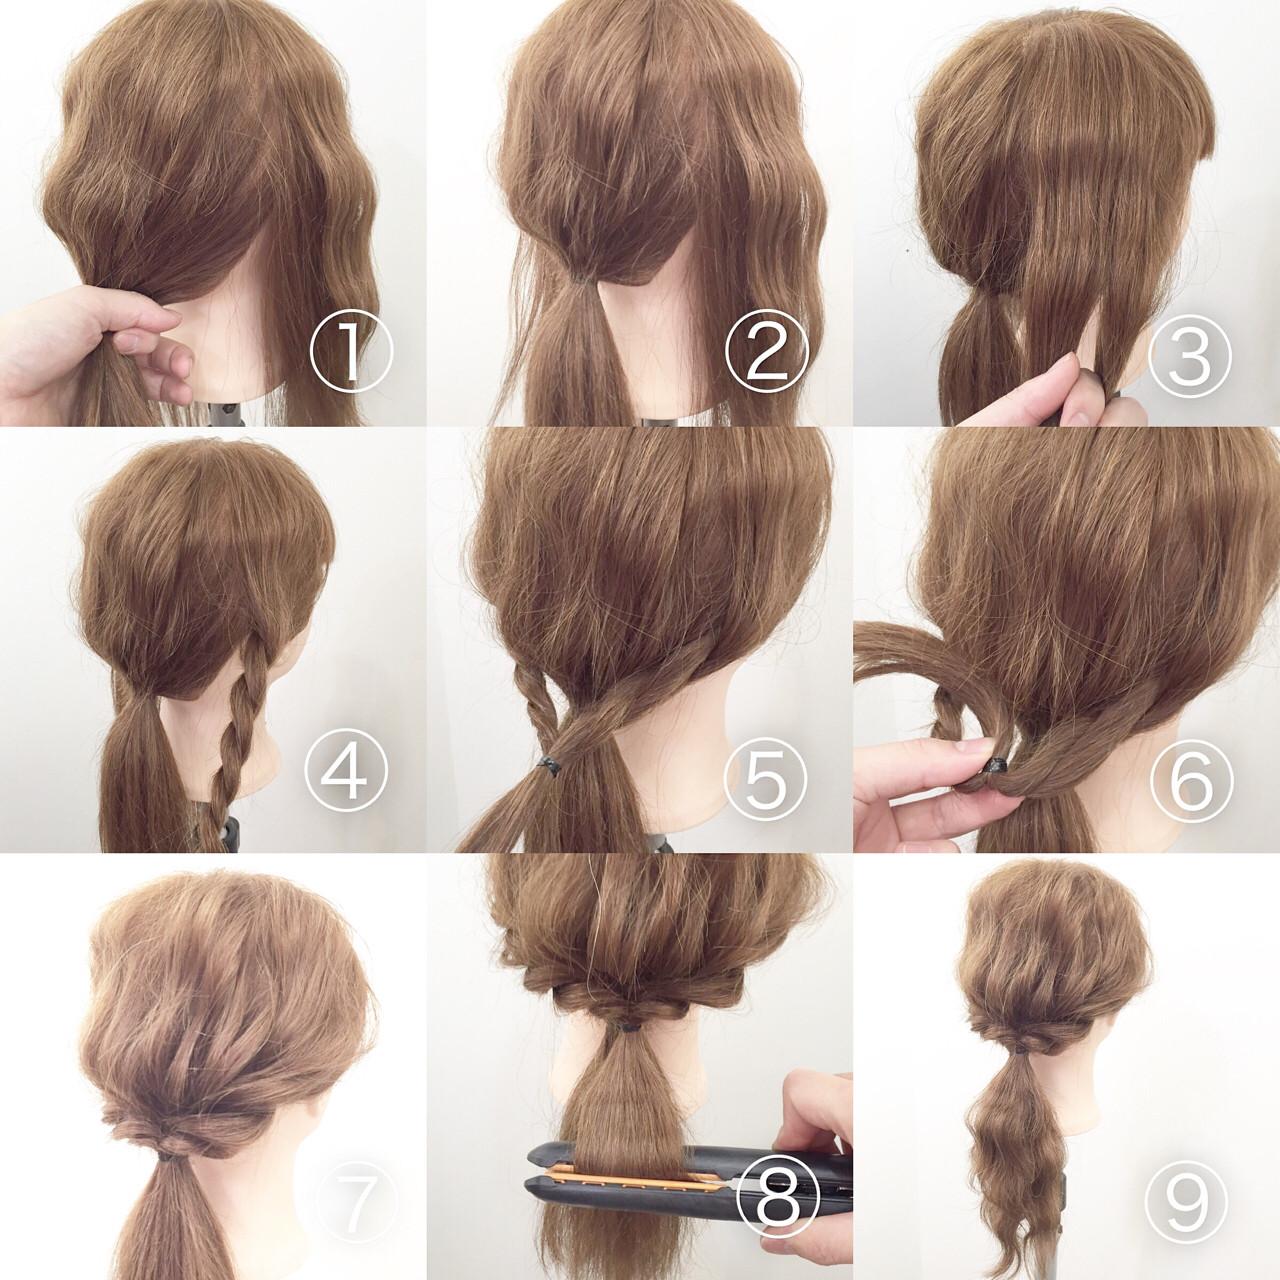 【HAIR】溝口優人さんのヘアスタイルスナップ(ID112895)